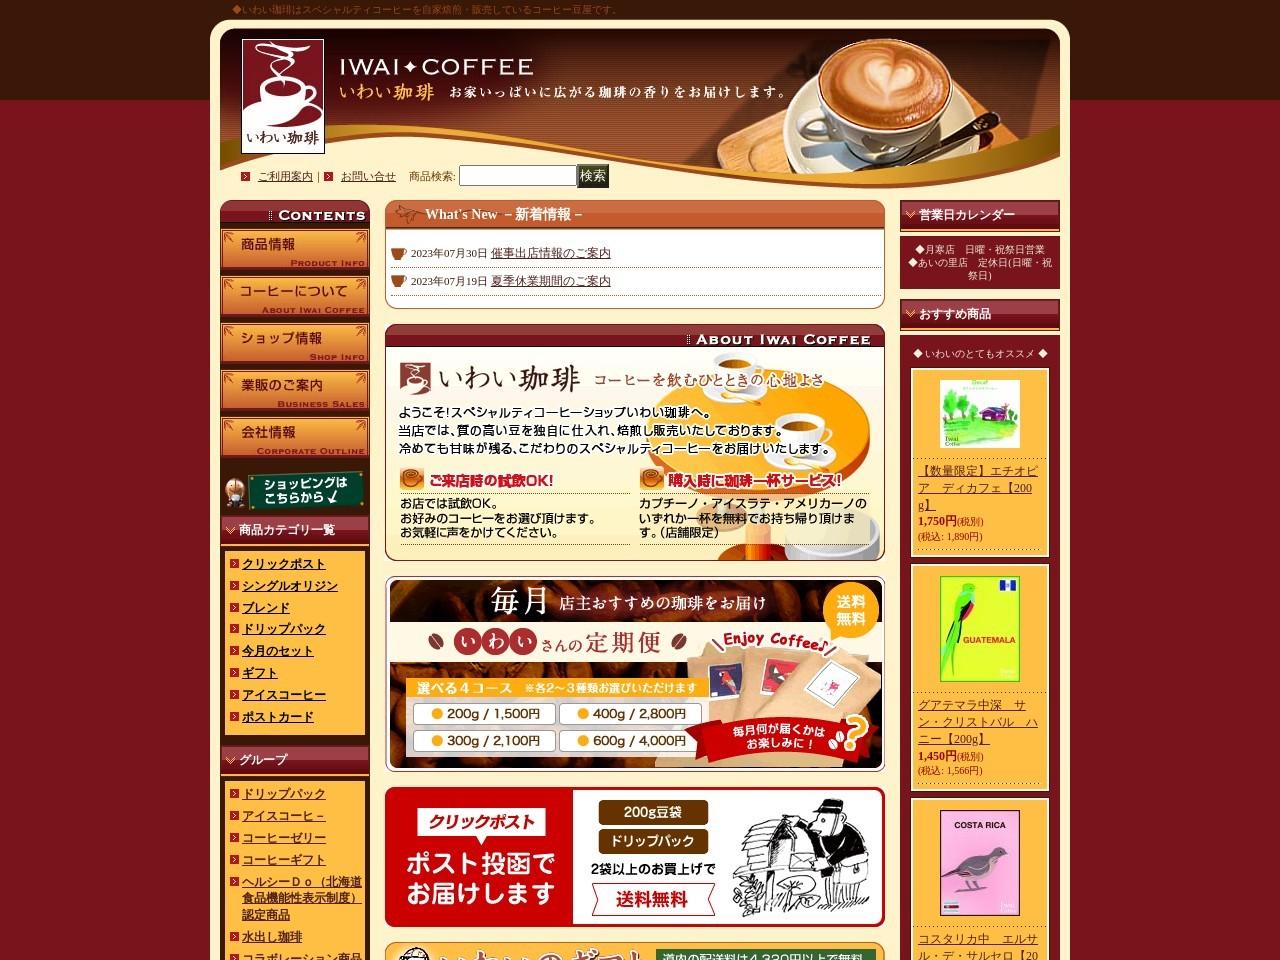 いわい珈琲は札幌市豊平区月寒と北区あいの里でスペシャルティコーヒーやカフェプレス等を通販しているコーヒー豆の専門店です